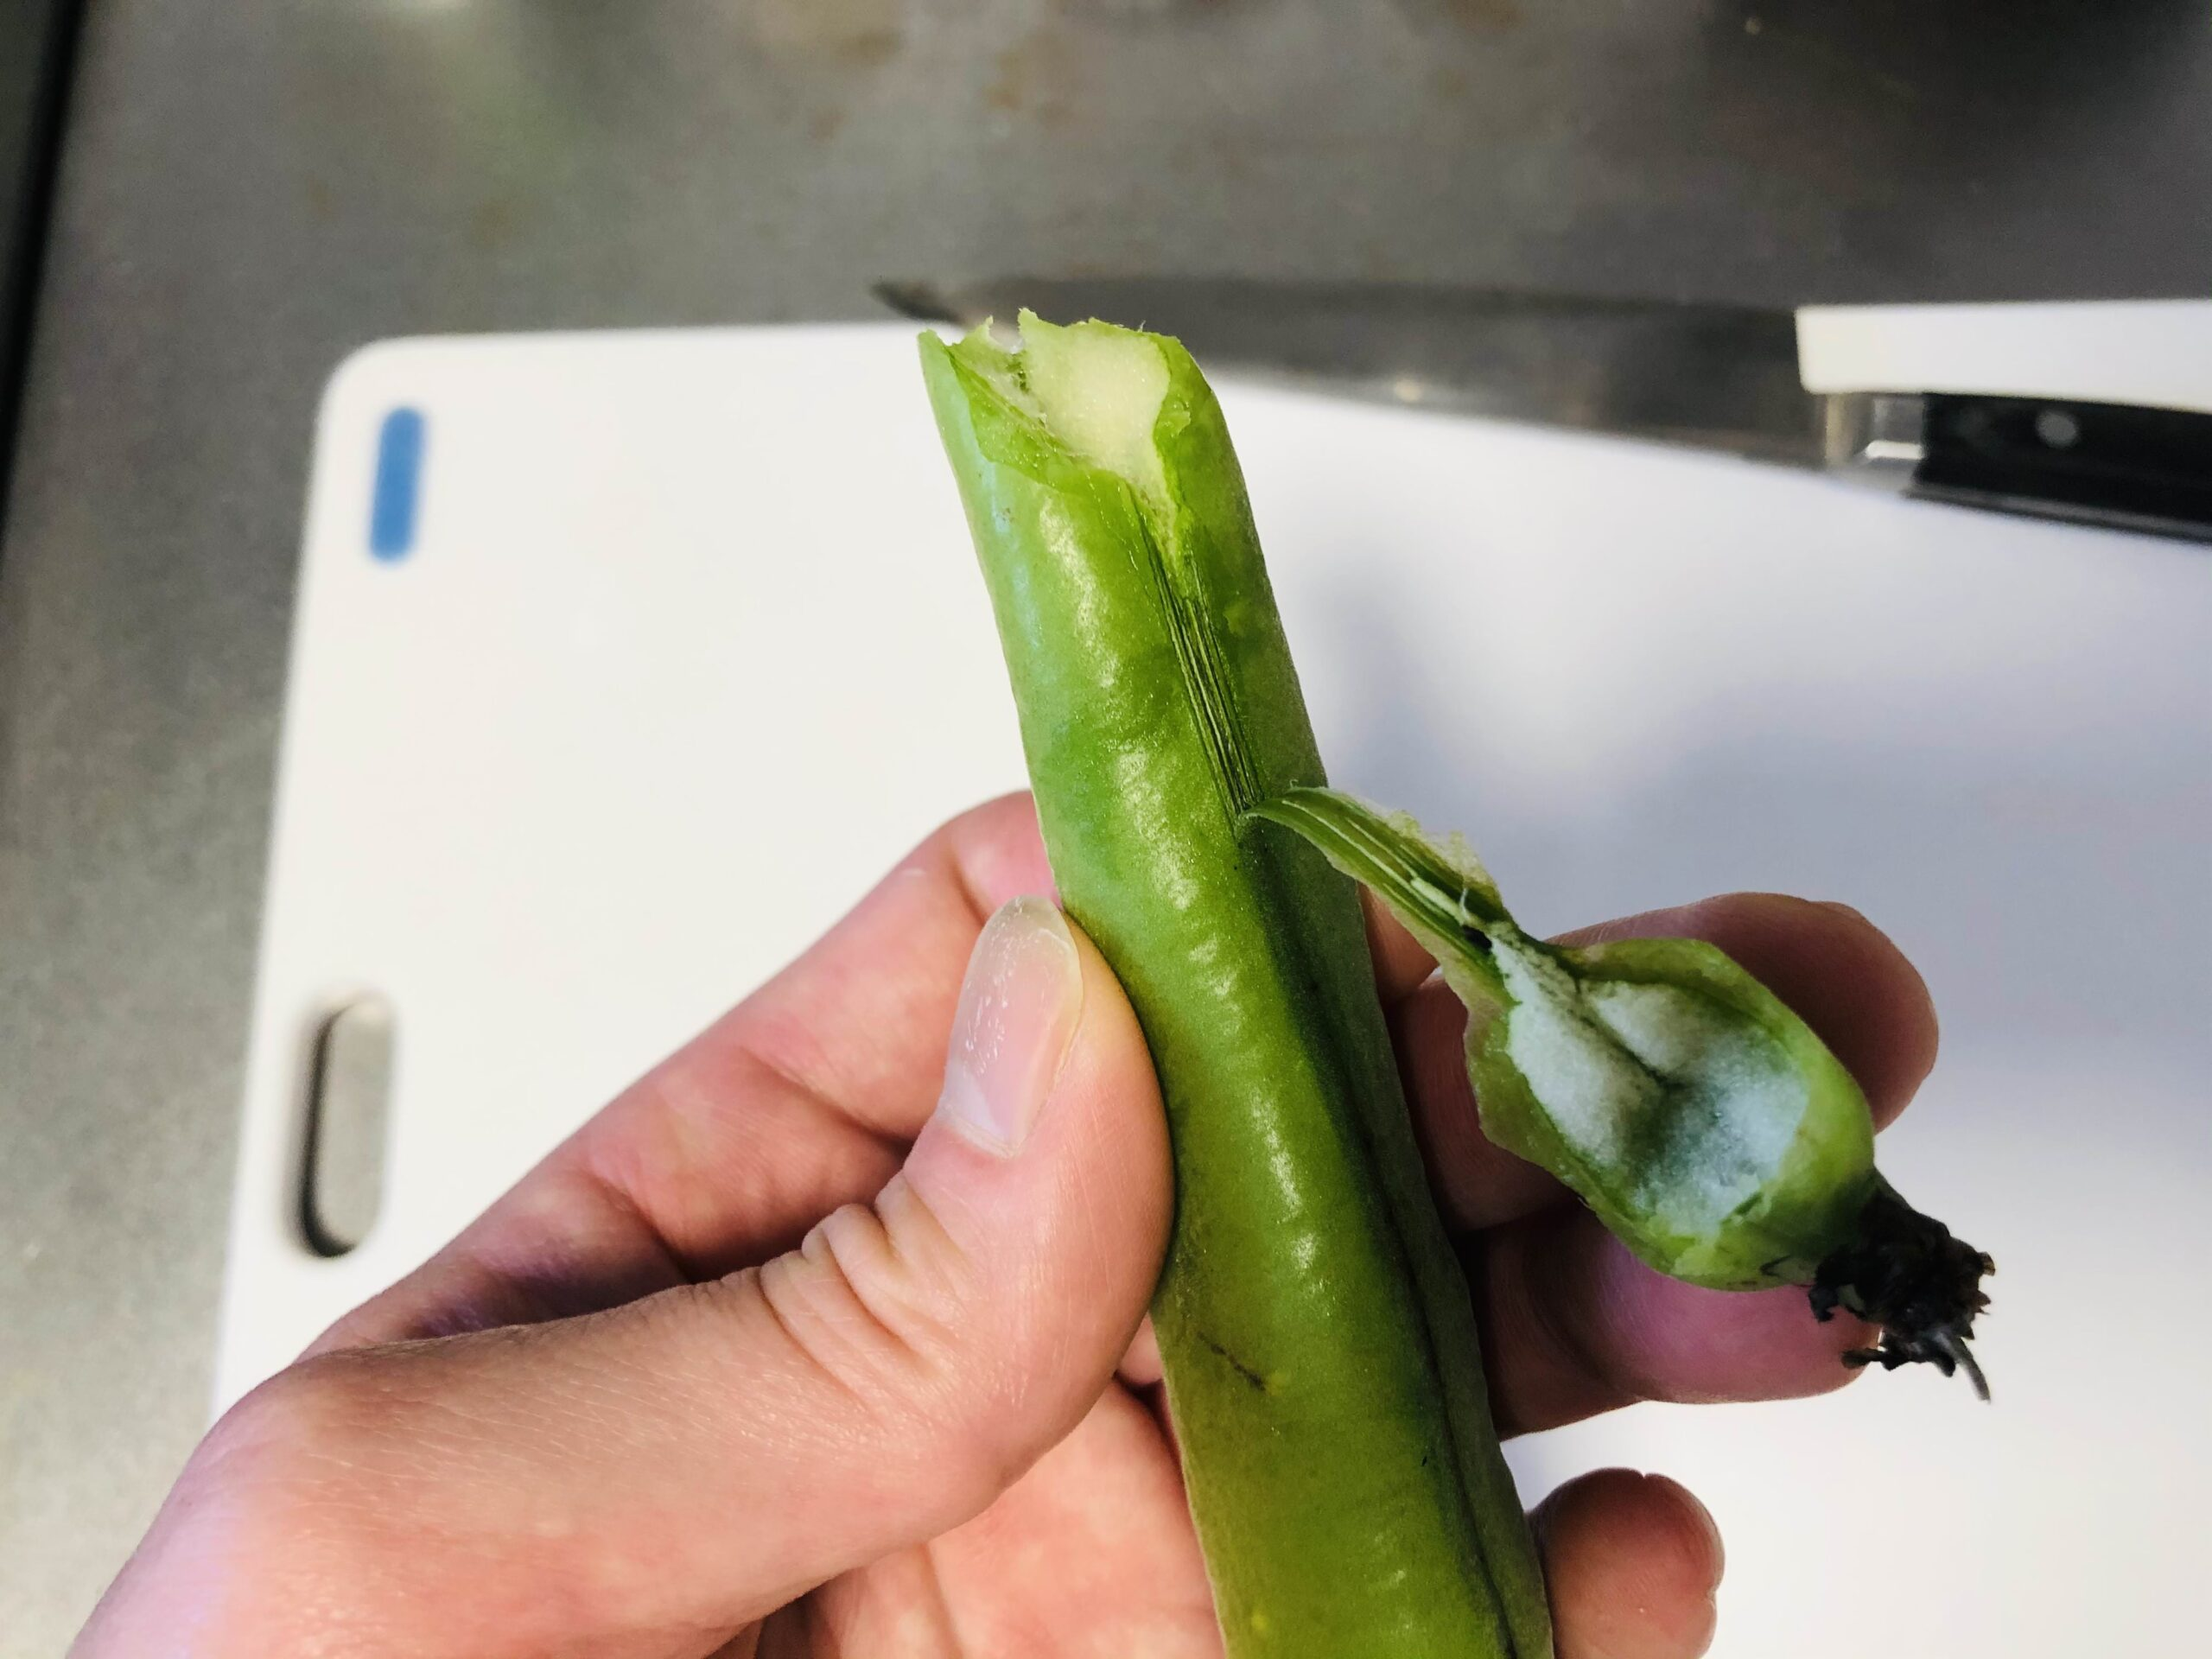 そら豆を鞘から剥く様子の画像です